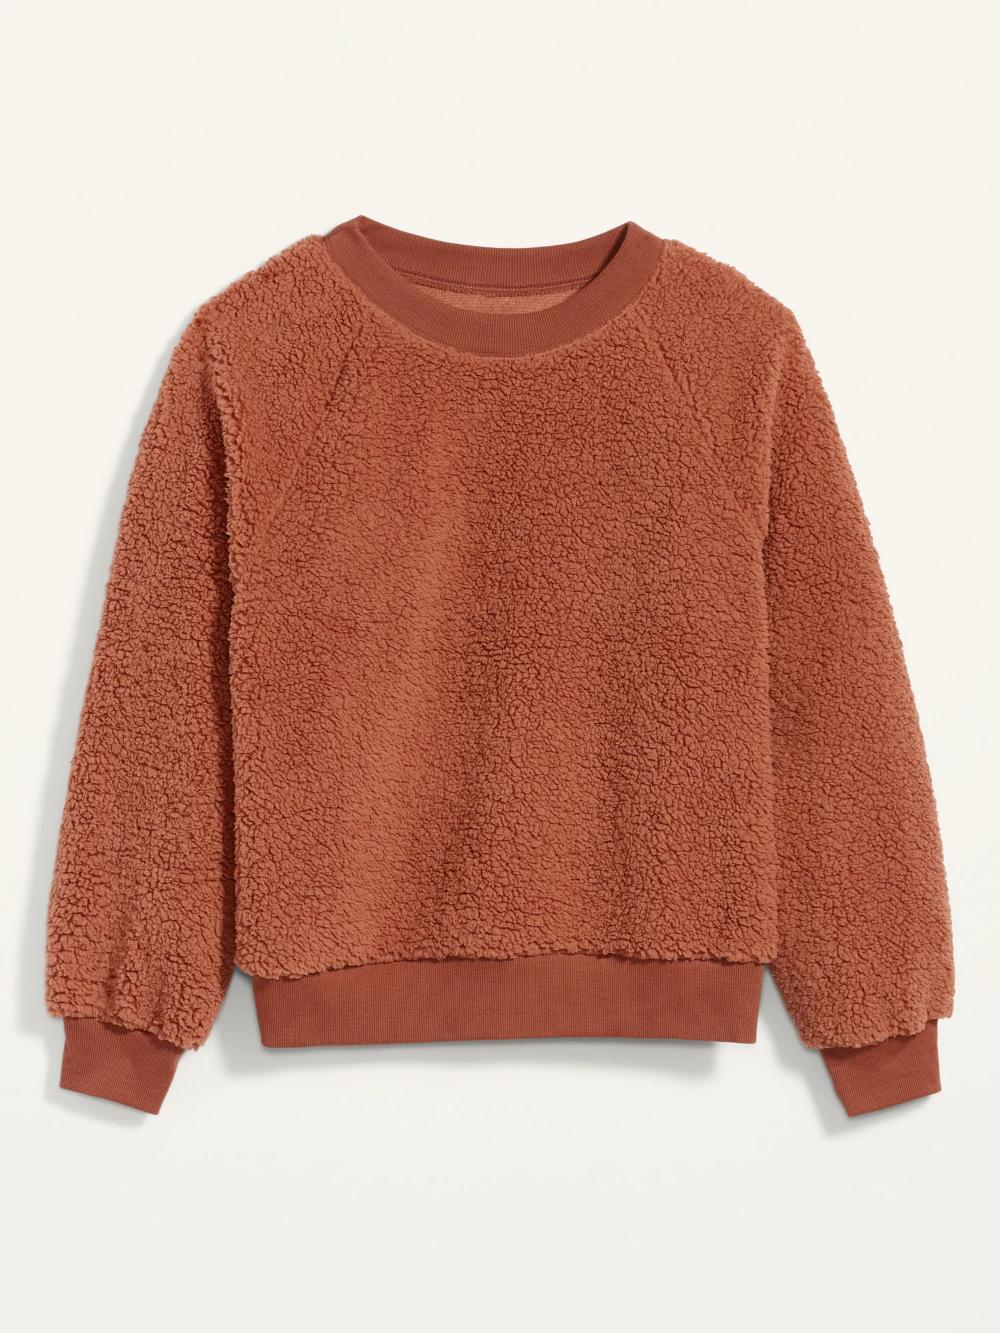 Loose Cozy Sherpa Sweatshirt For Women Old Navy Sherpa Sweatshirt Womens Sherpa Sweatshirt Fleece [ 1333 x 1000 Pixel ]